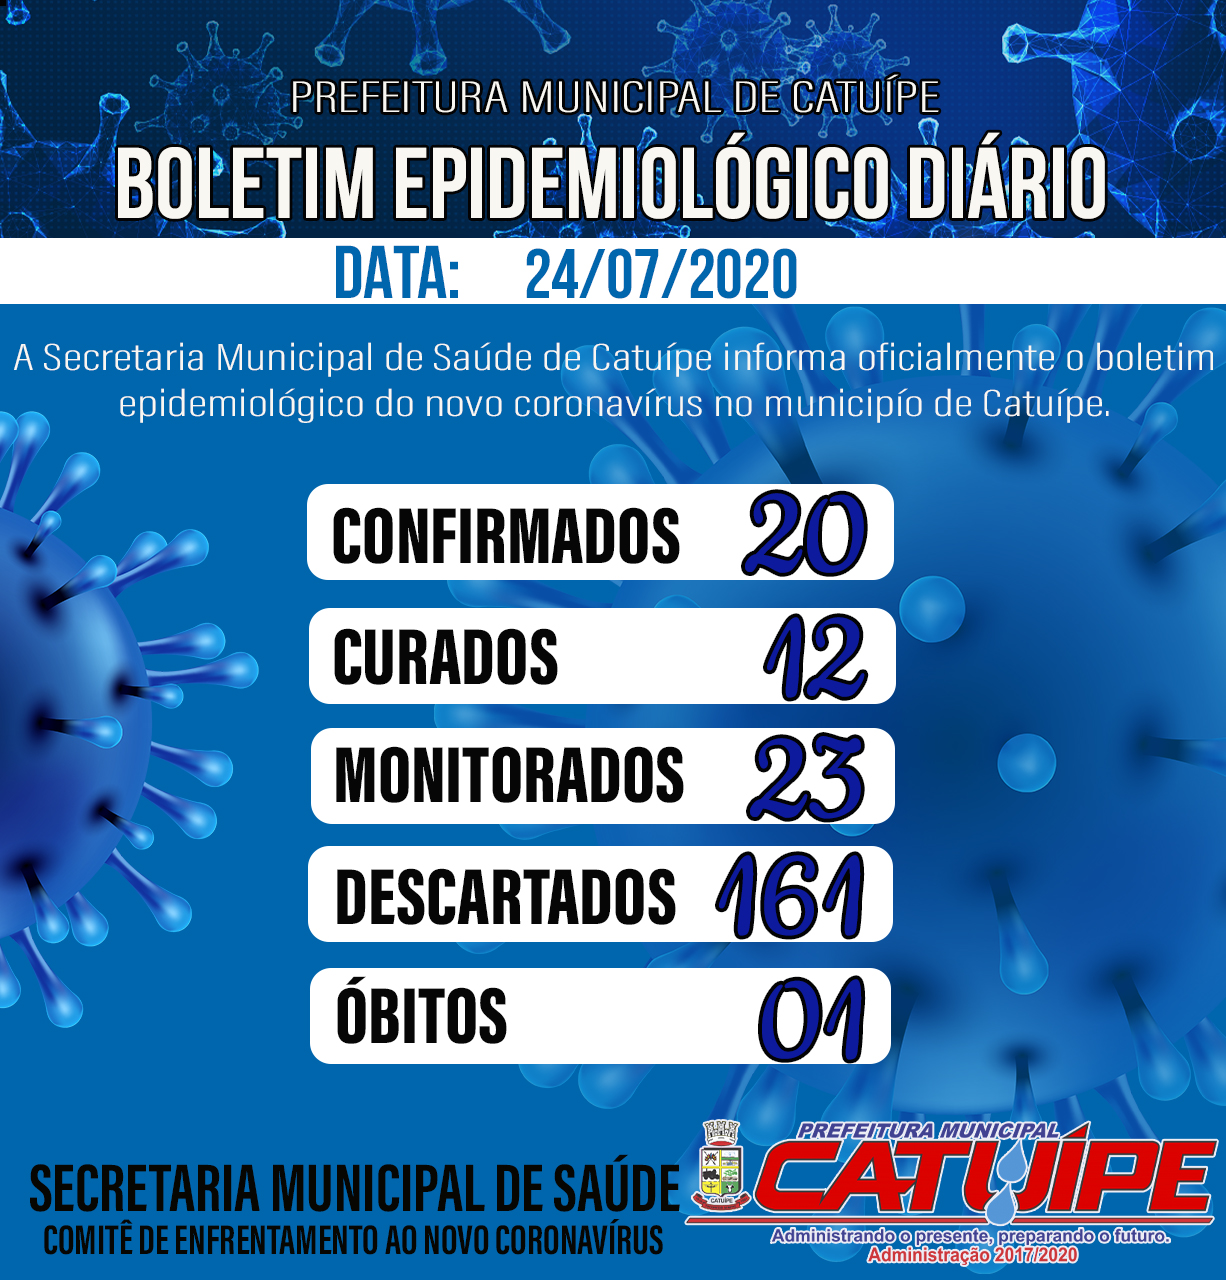 Boletim Epidemiológico do dia 24 de julho de 2020